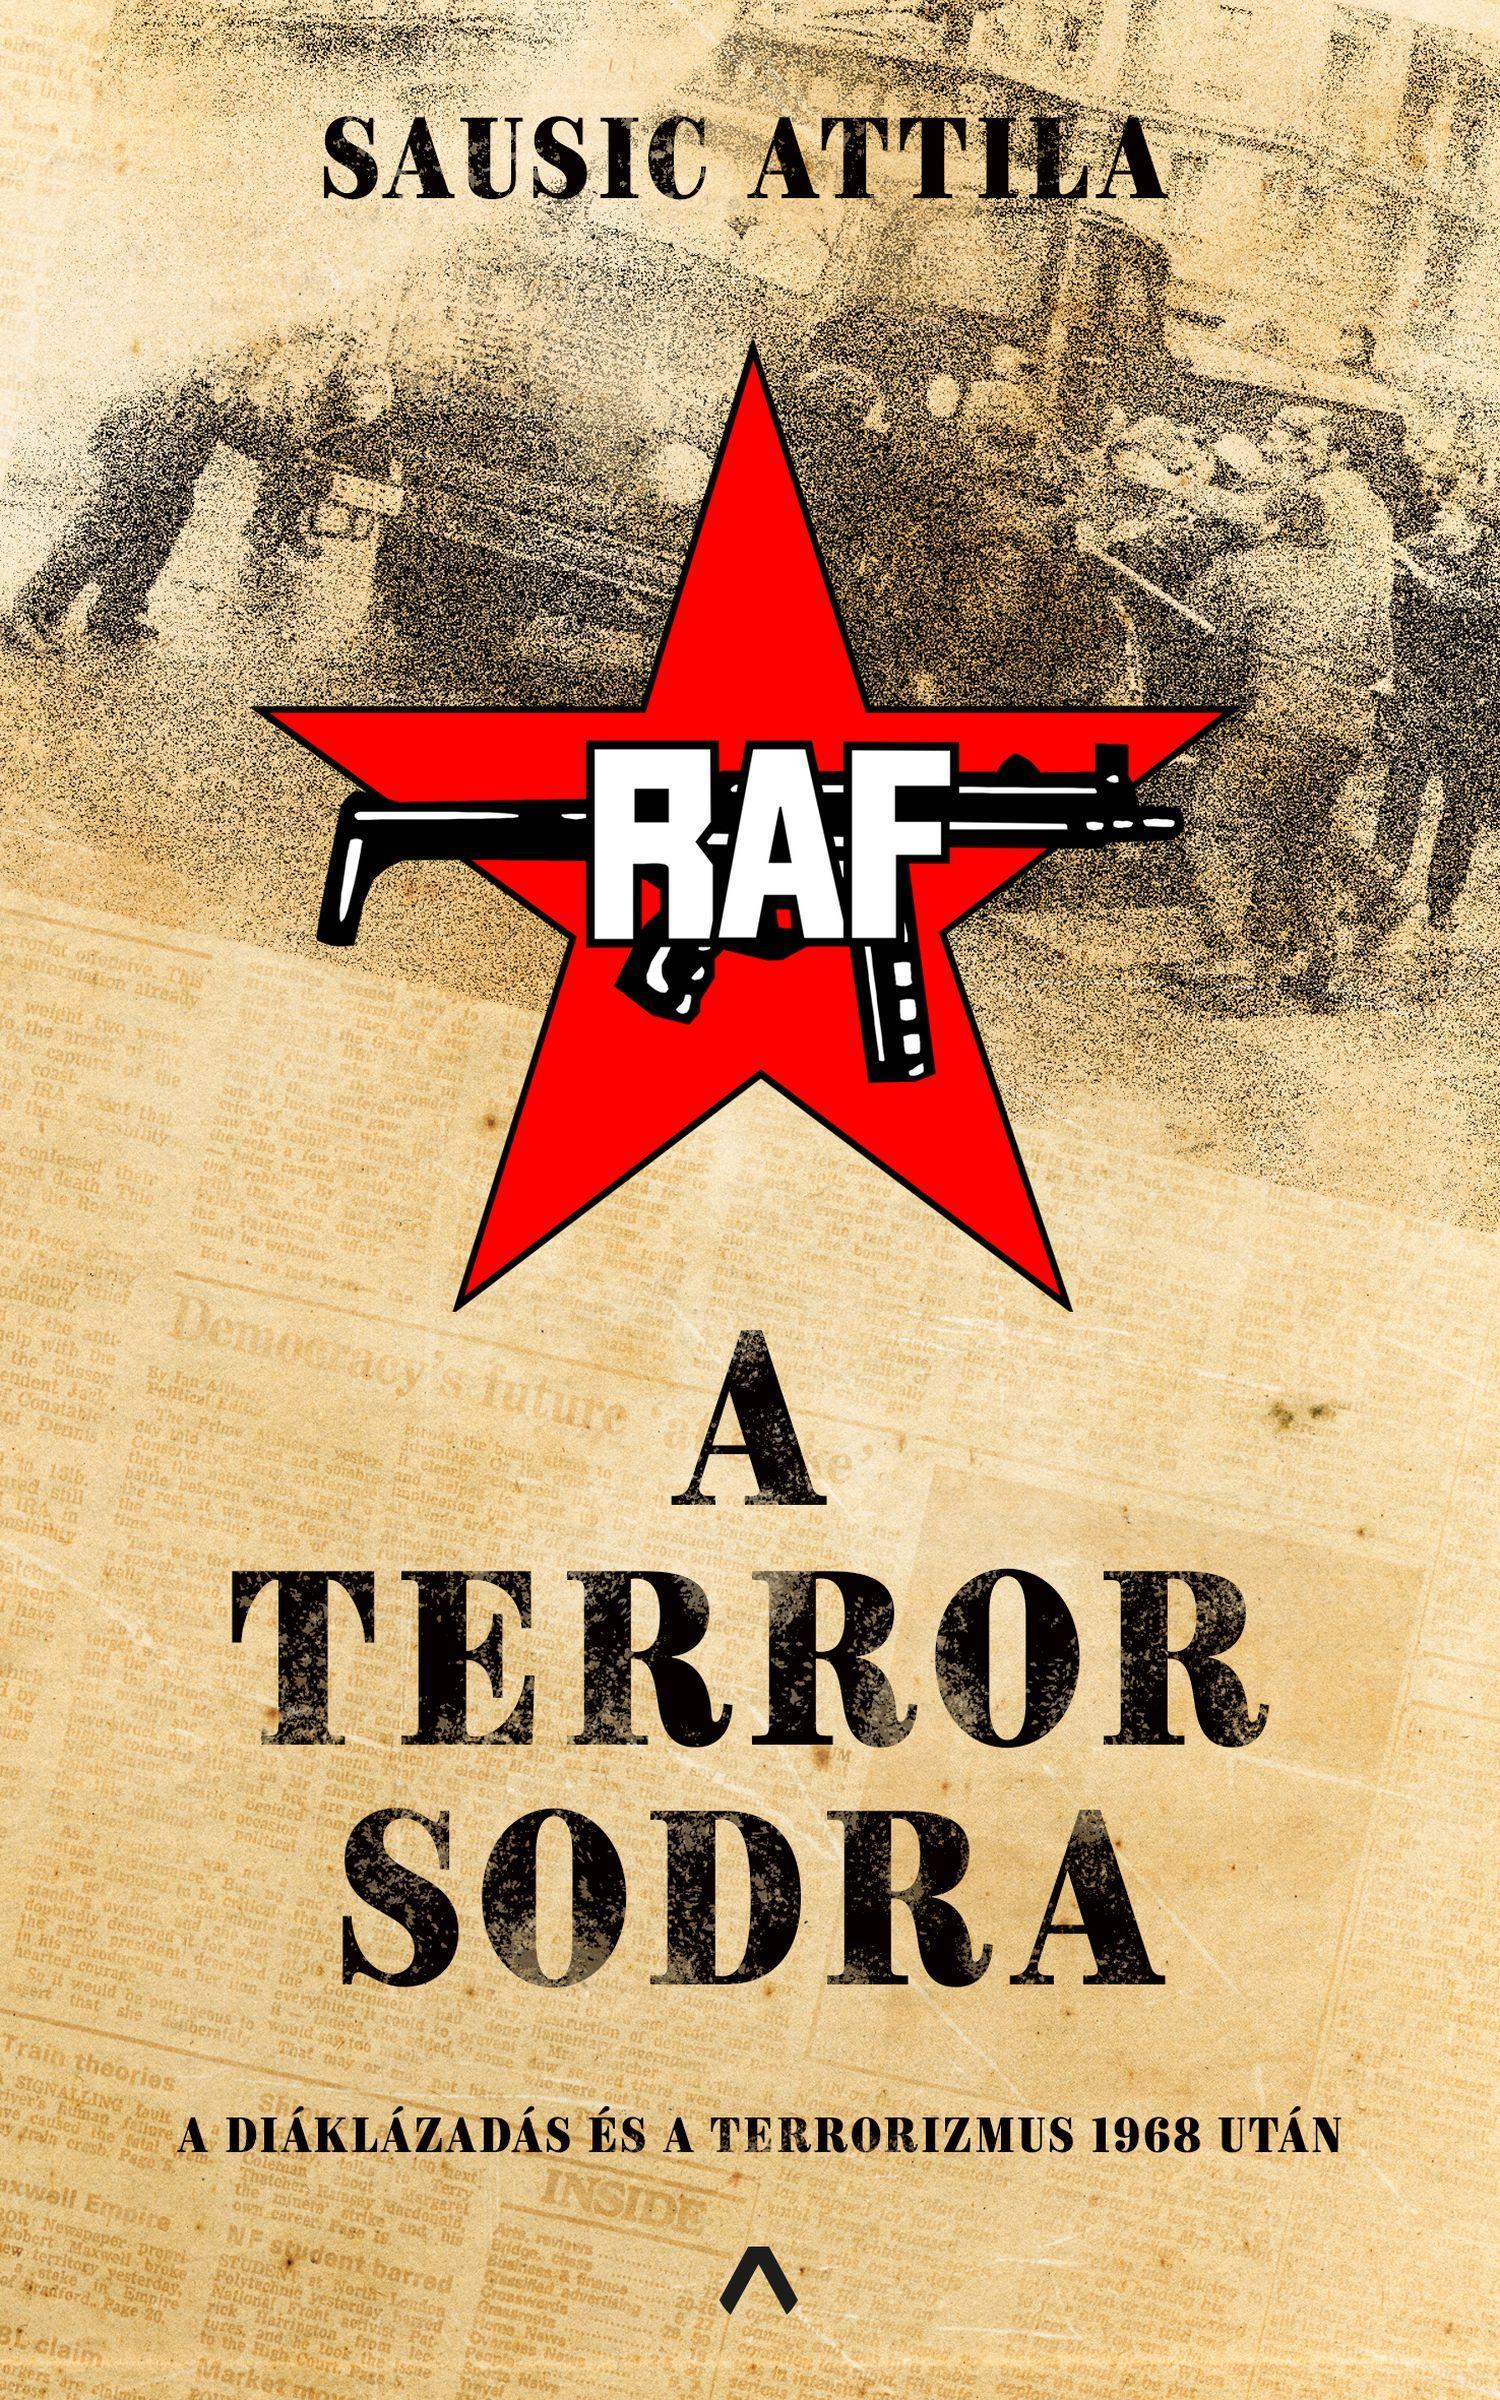 Sausic Attila: A terror sodra - A diáklázadás és a terrorizmus 1968 után